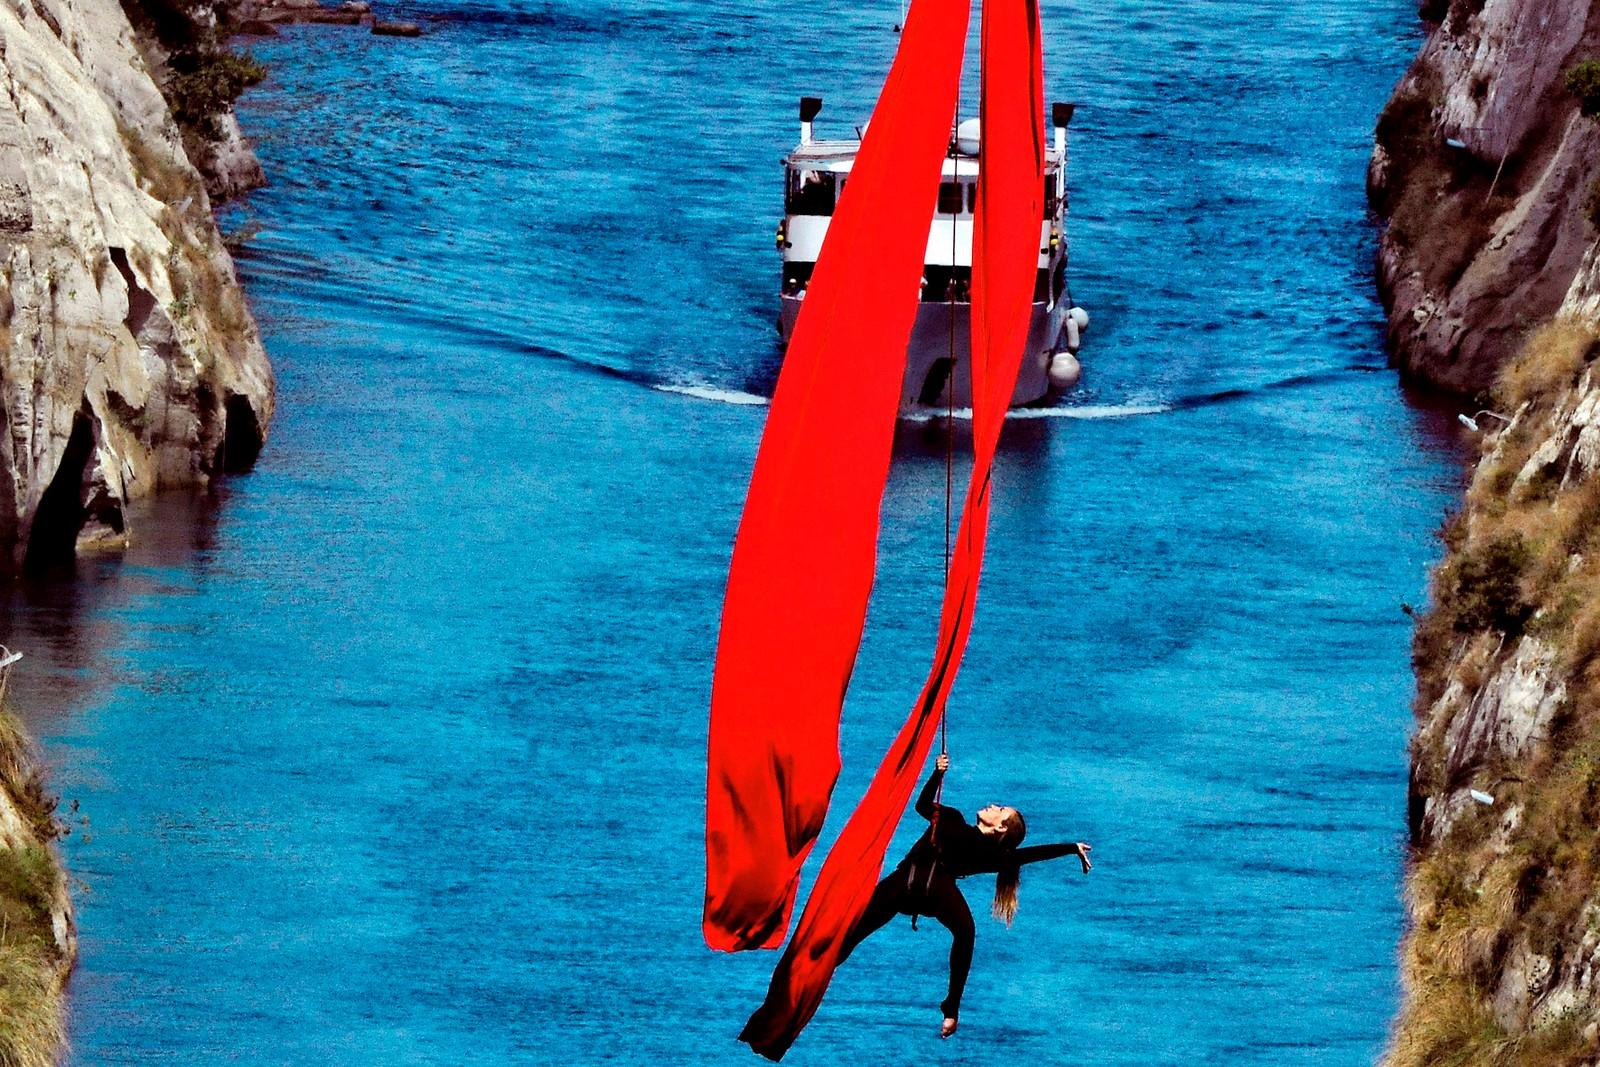 Omkring 45 meter over vannoverflaten danset den greske koreografen Katerina Soldatou seg over passerende skip i Korintkanalen denne uka. Prosjektet kalles Greece has soul, som du kan google om du vil se flere bilder og video.